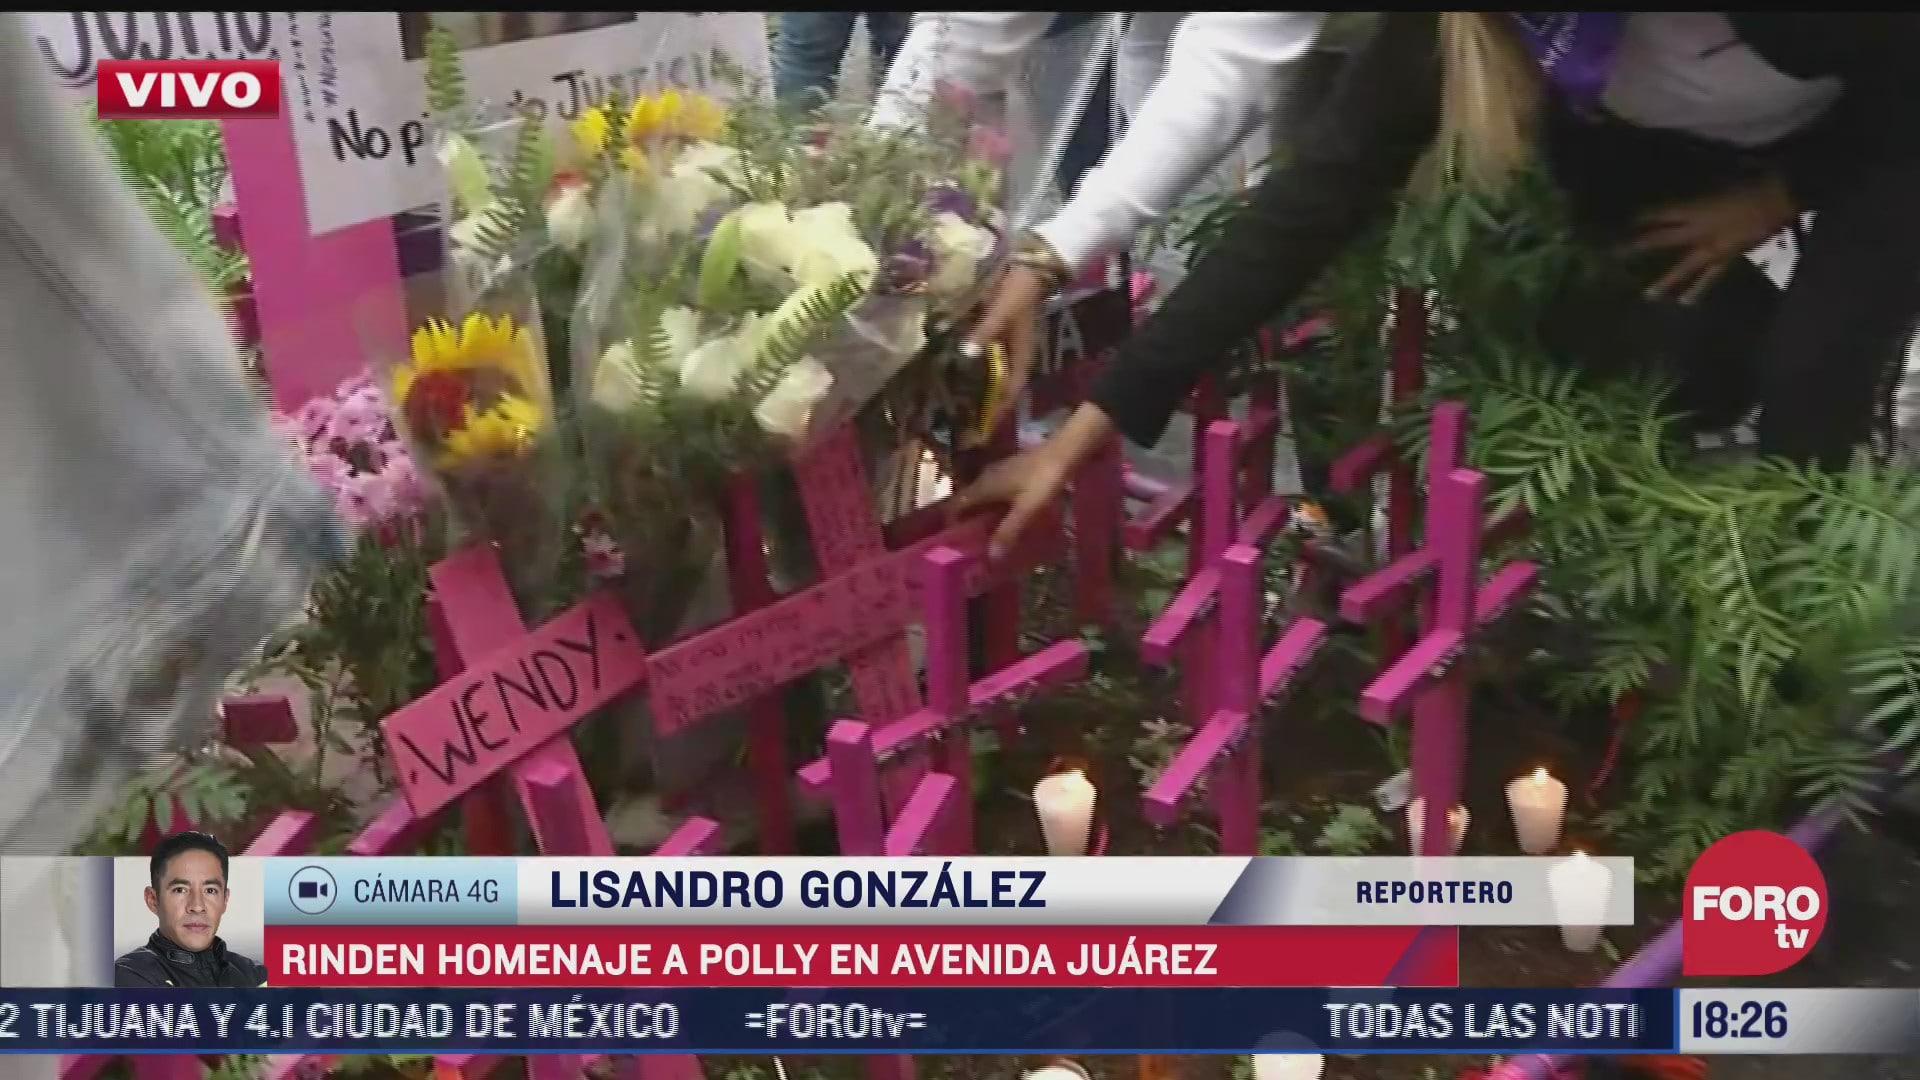 homenaje a polly en avenida juarez